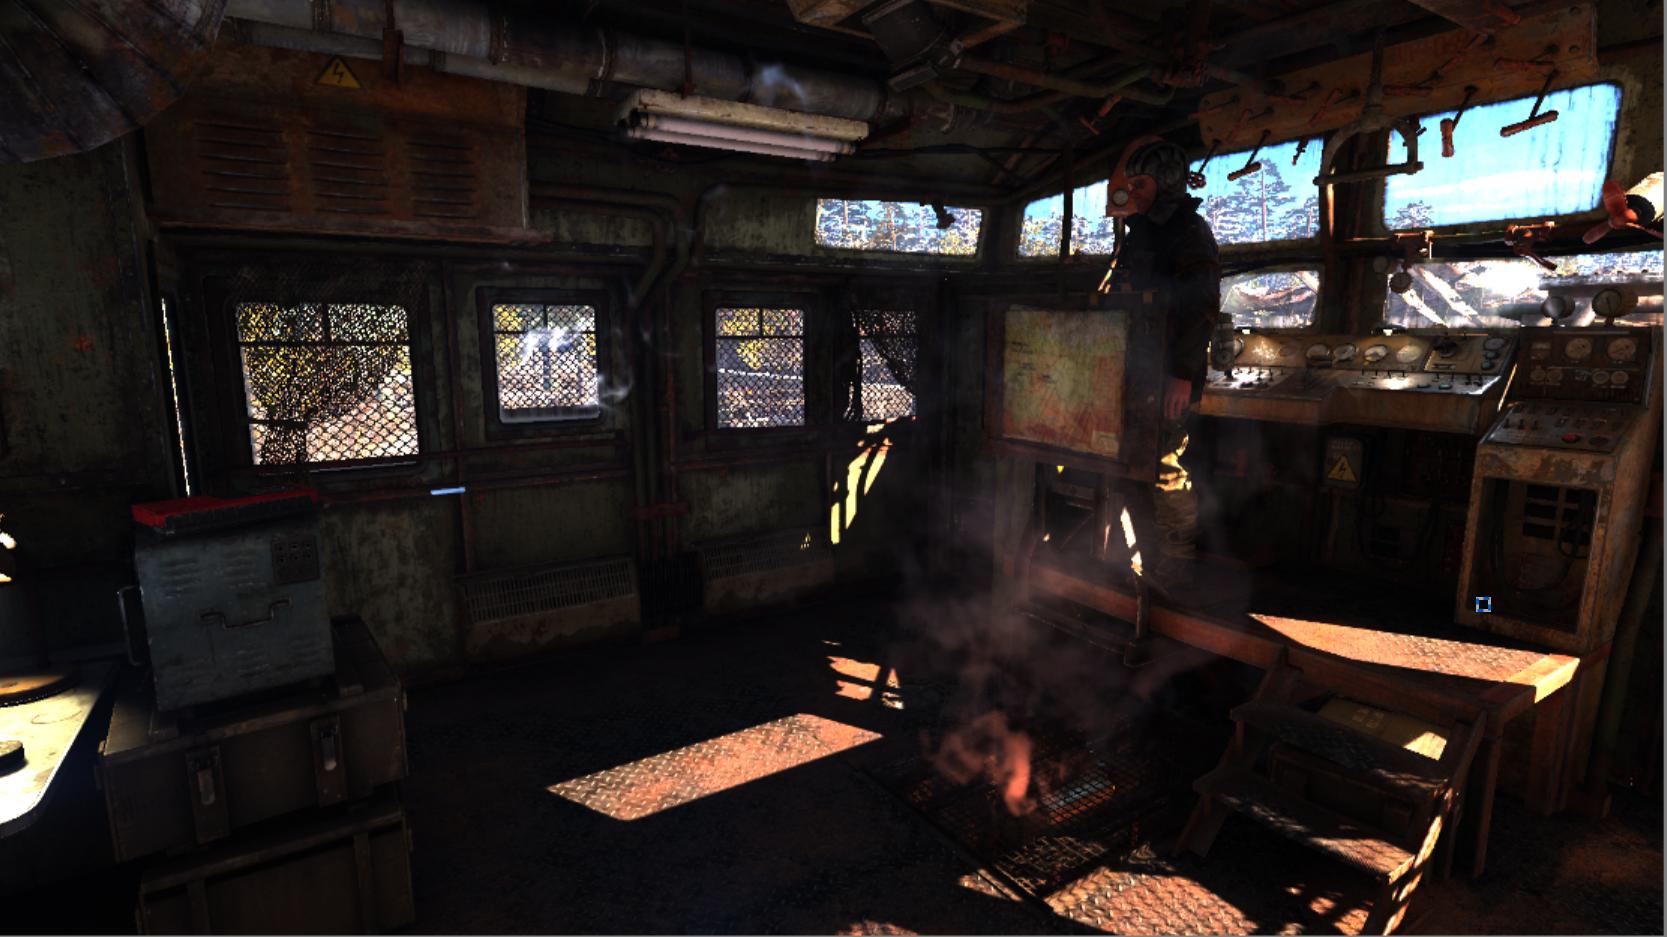 Особенности рендеринга в игре Metro: Exodus c raytracing - 14